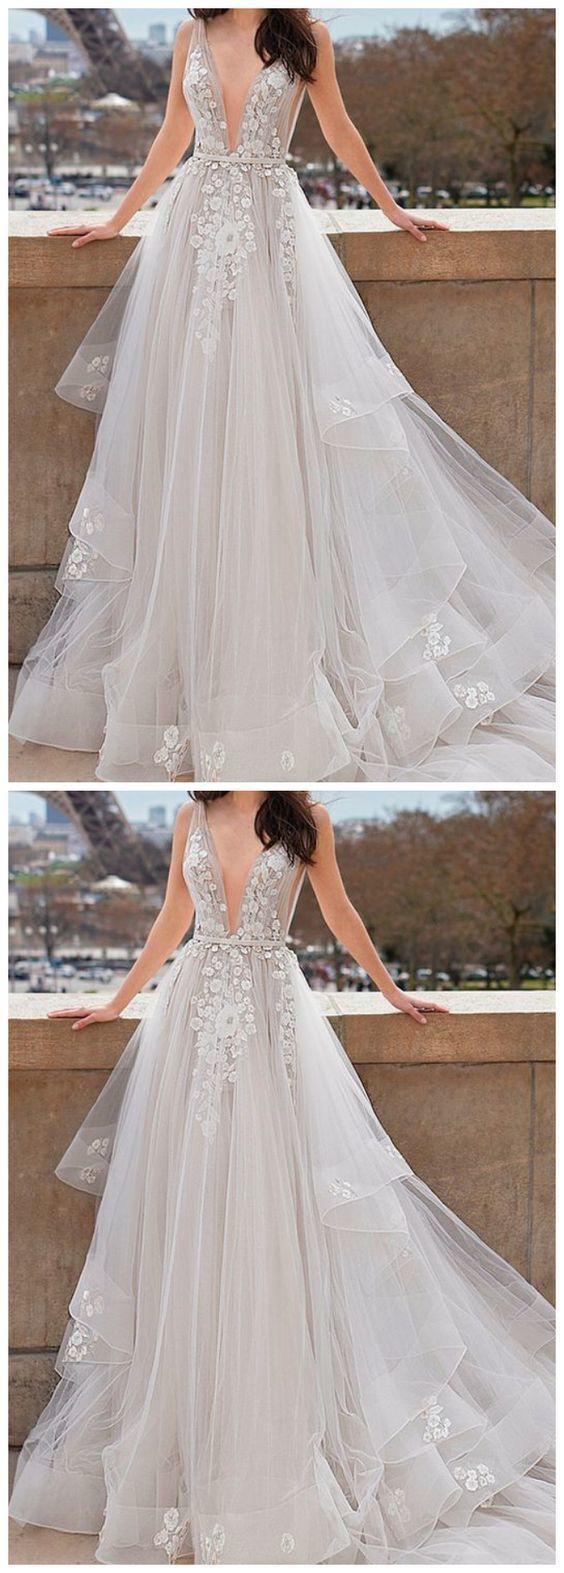 Elegant Lace Appliques Tulle Long Split Prom Dresses